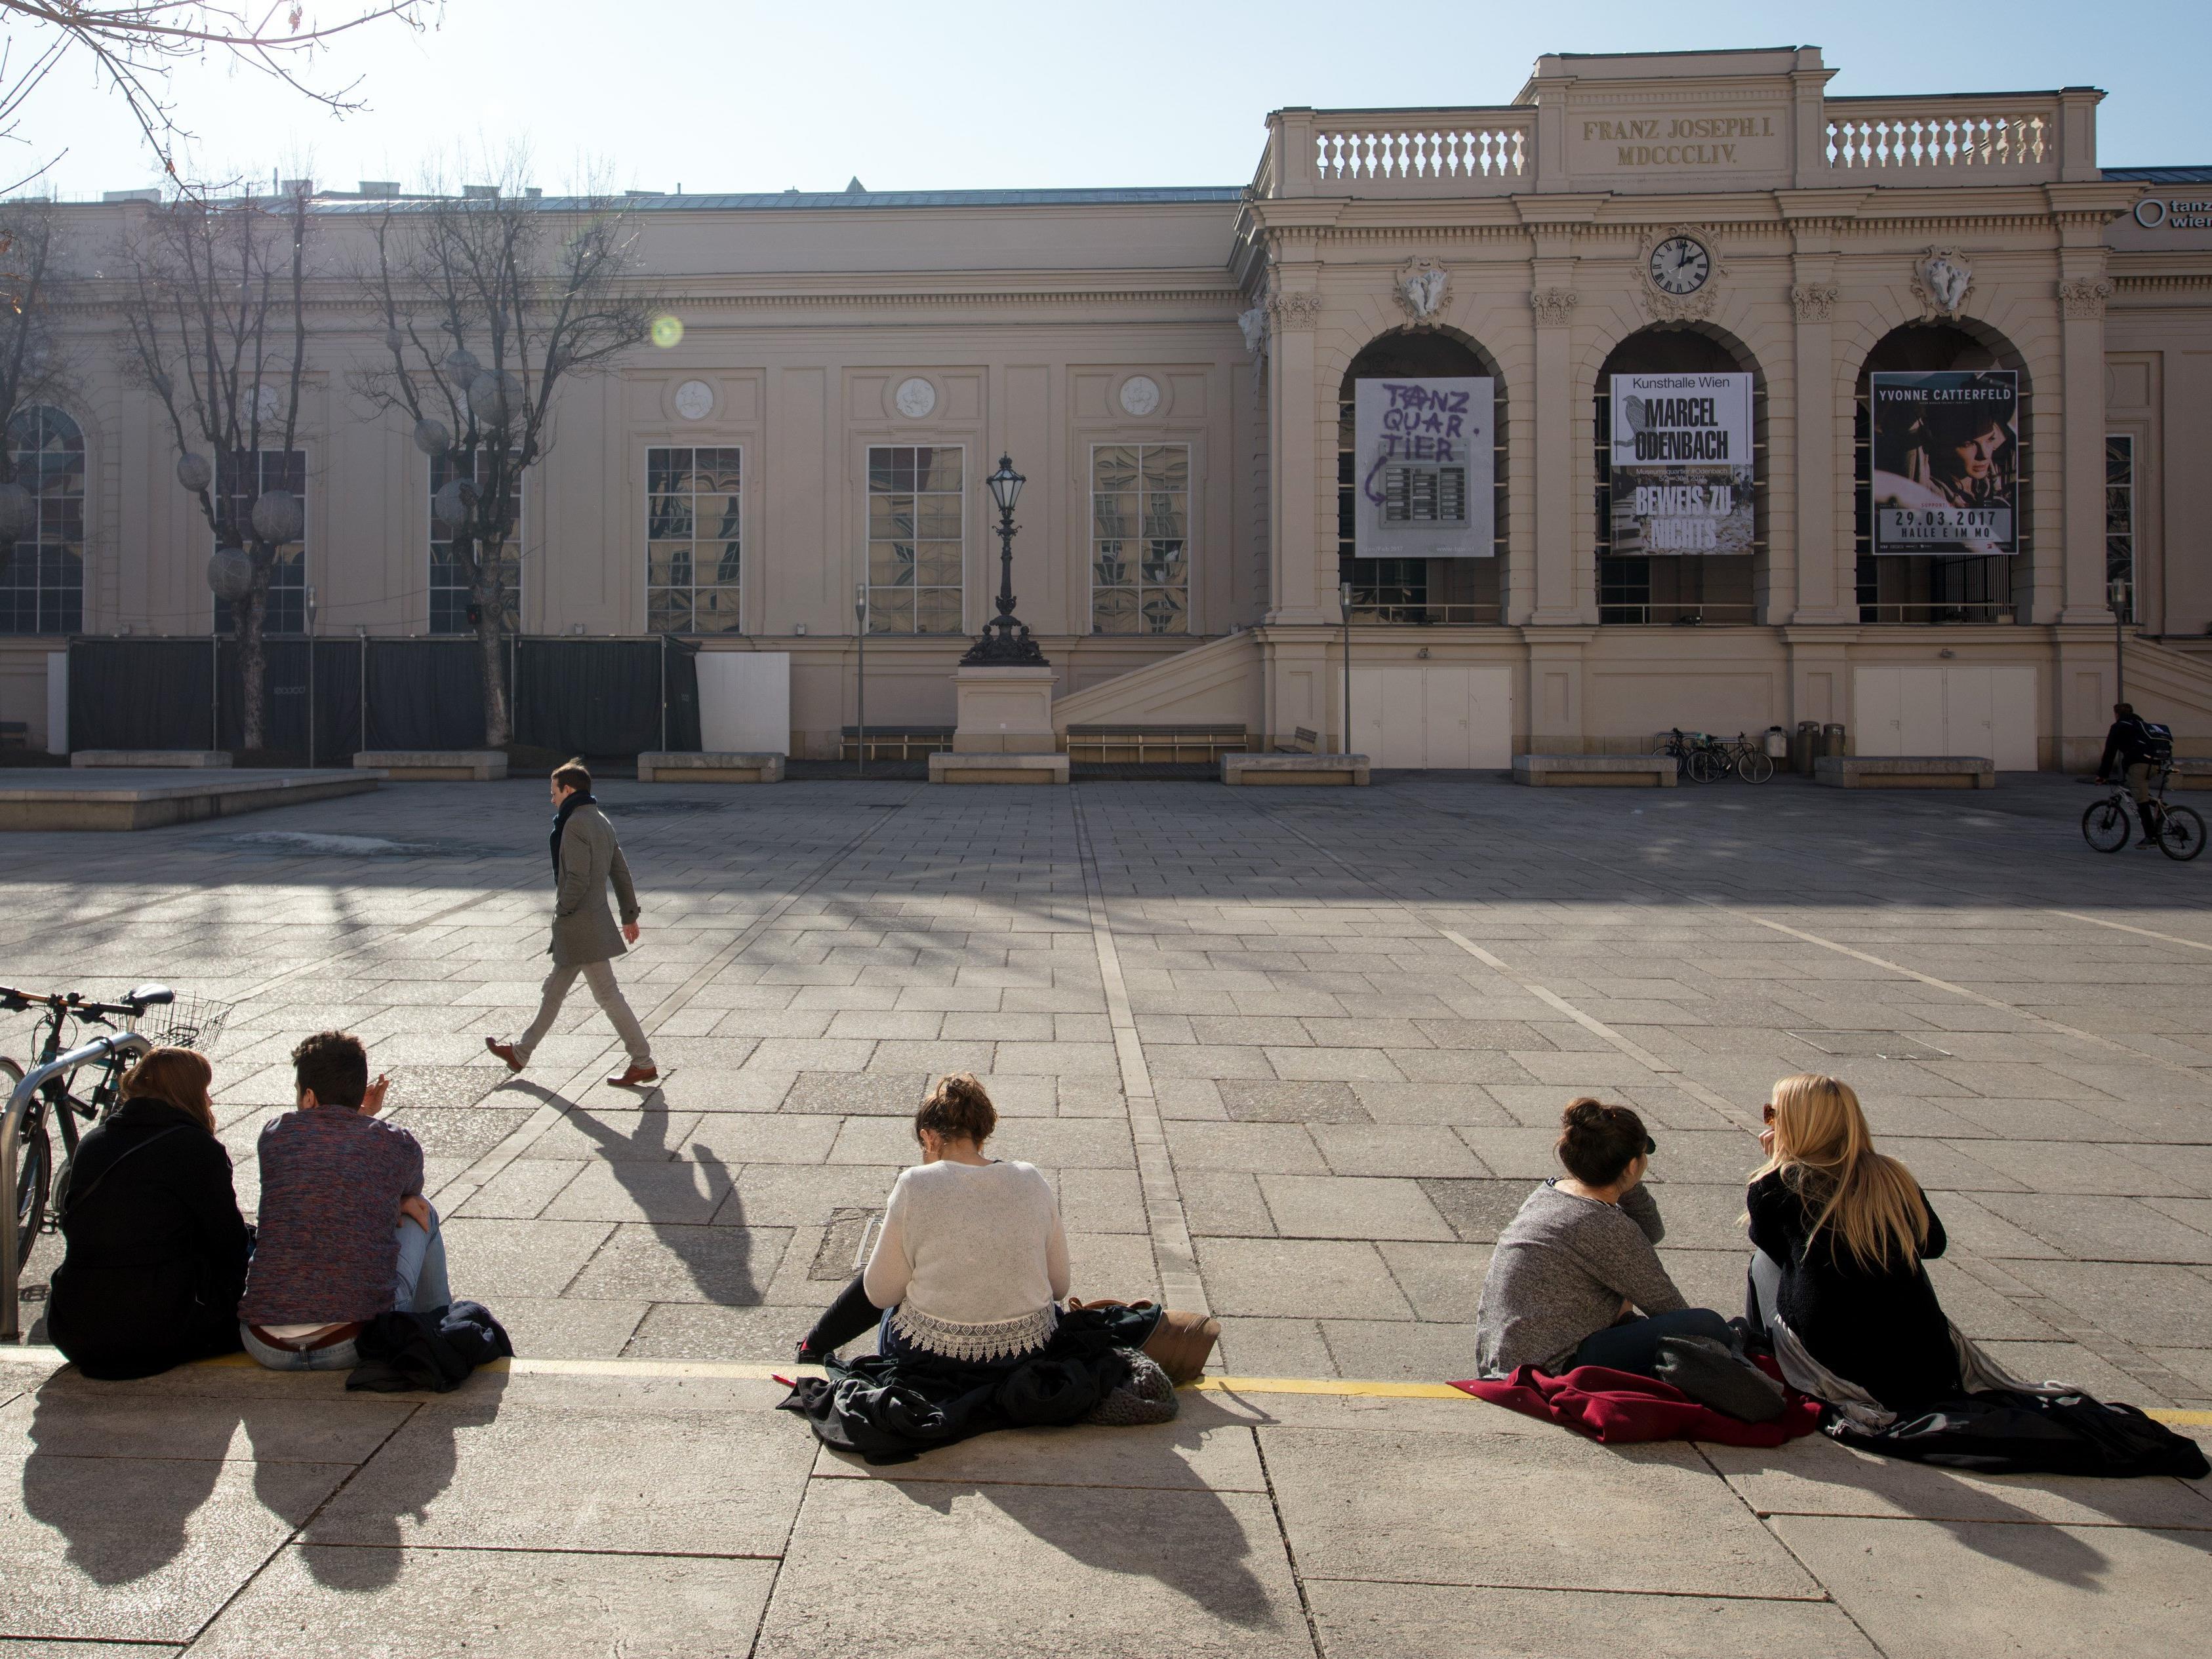 Am Vorplatz des Museumsquartiers kann jetzt Minigolf gespielt werden.